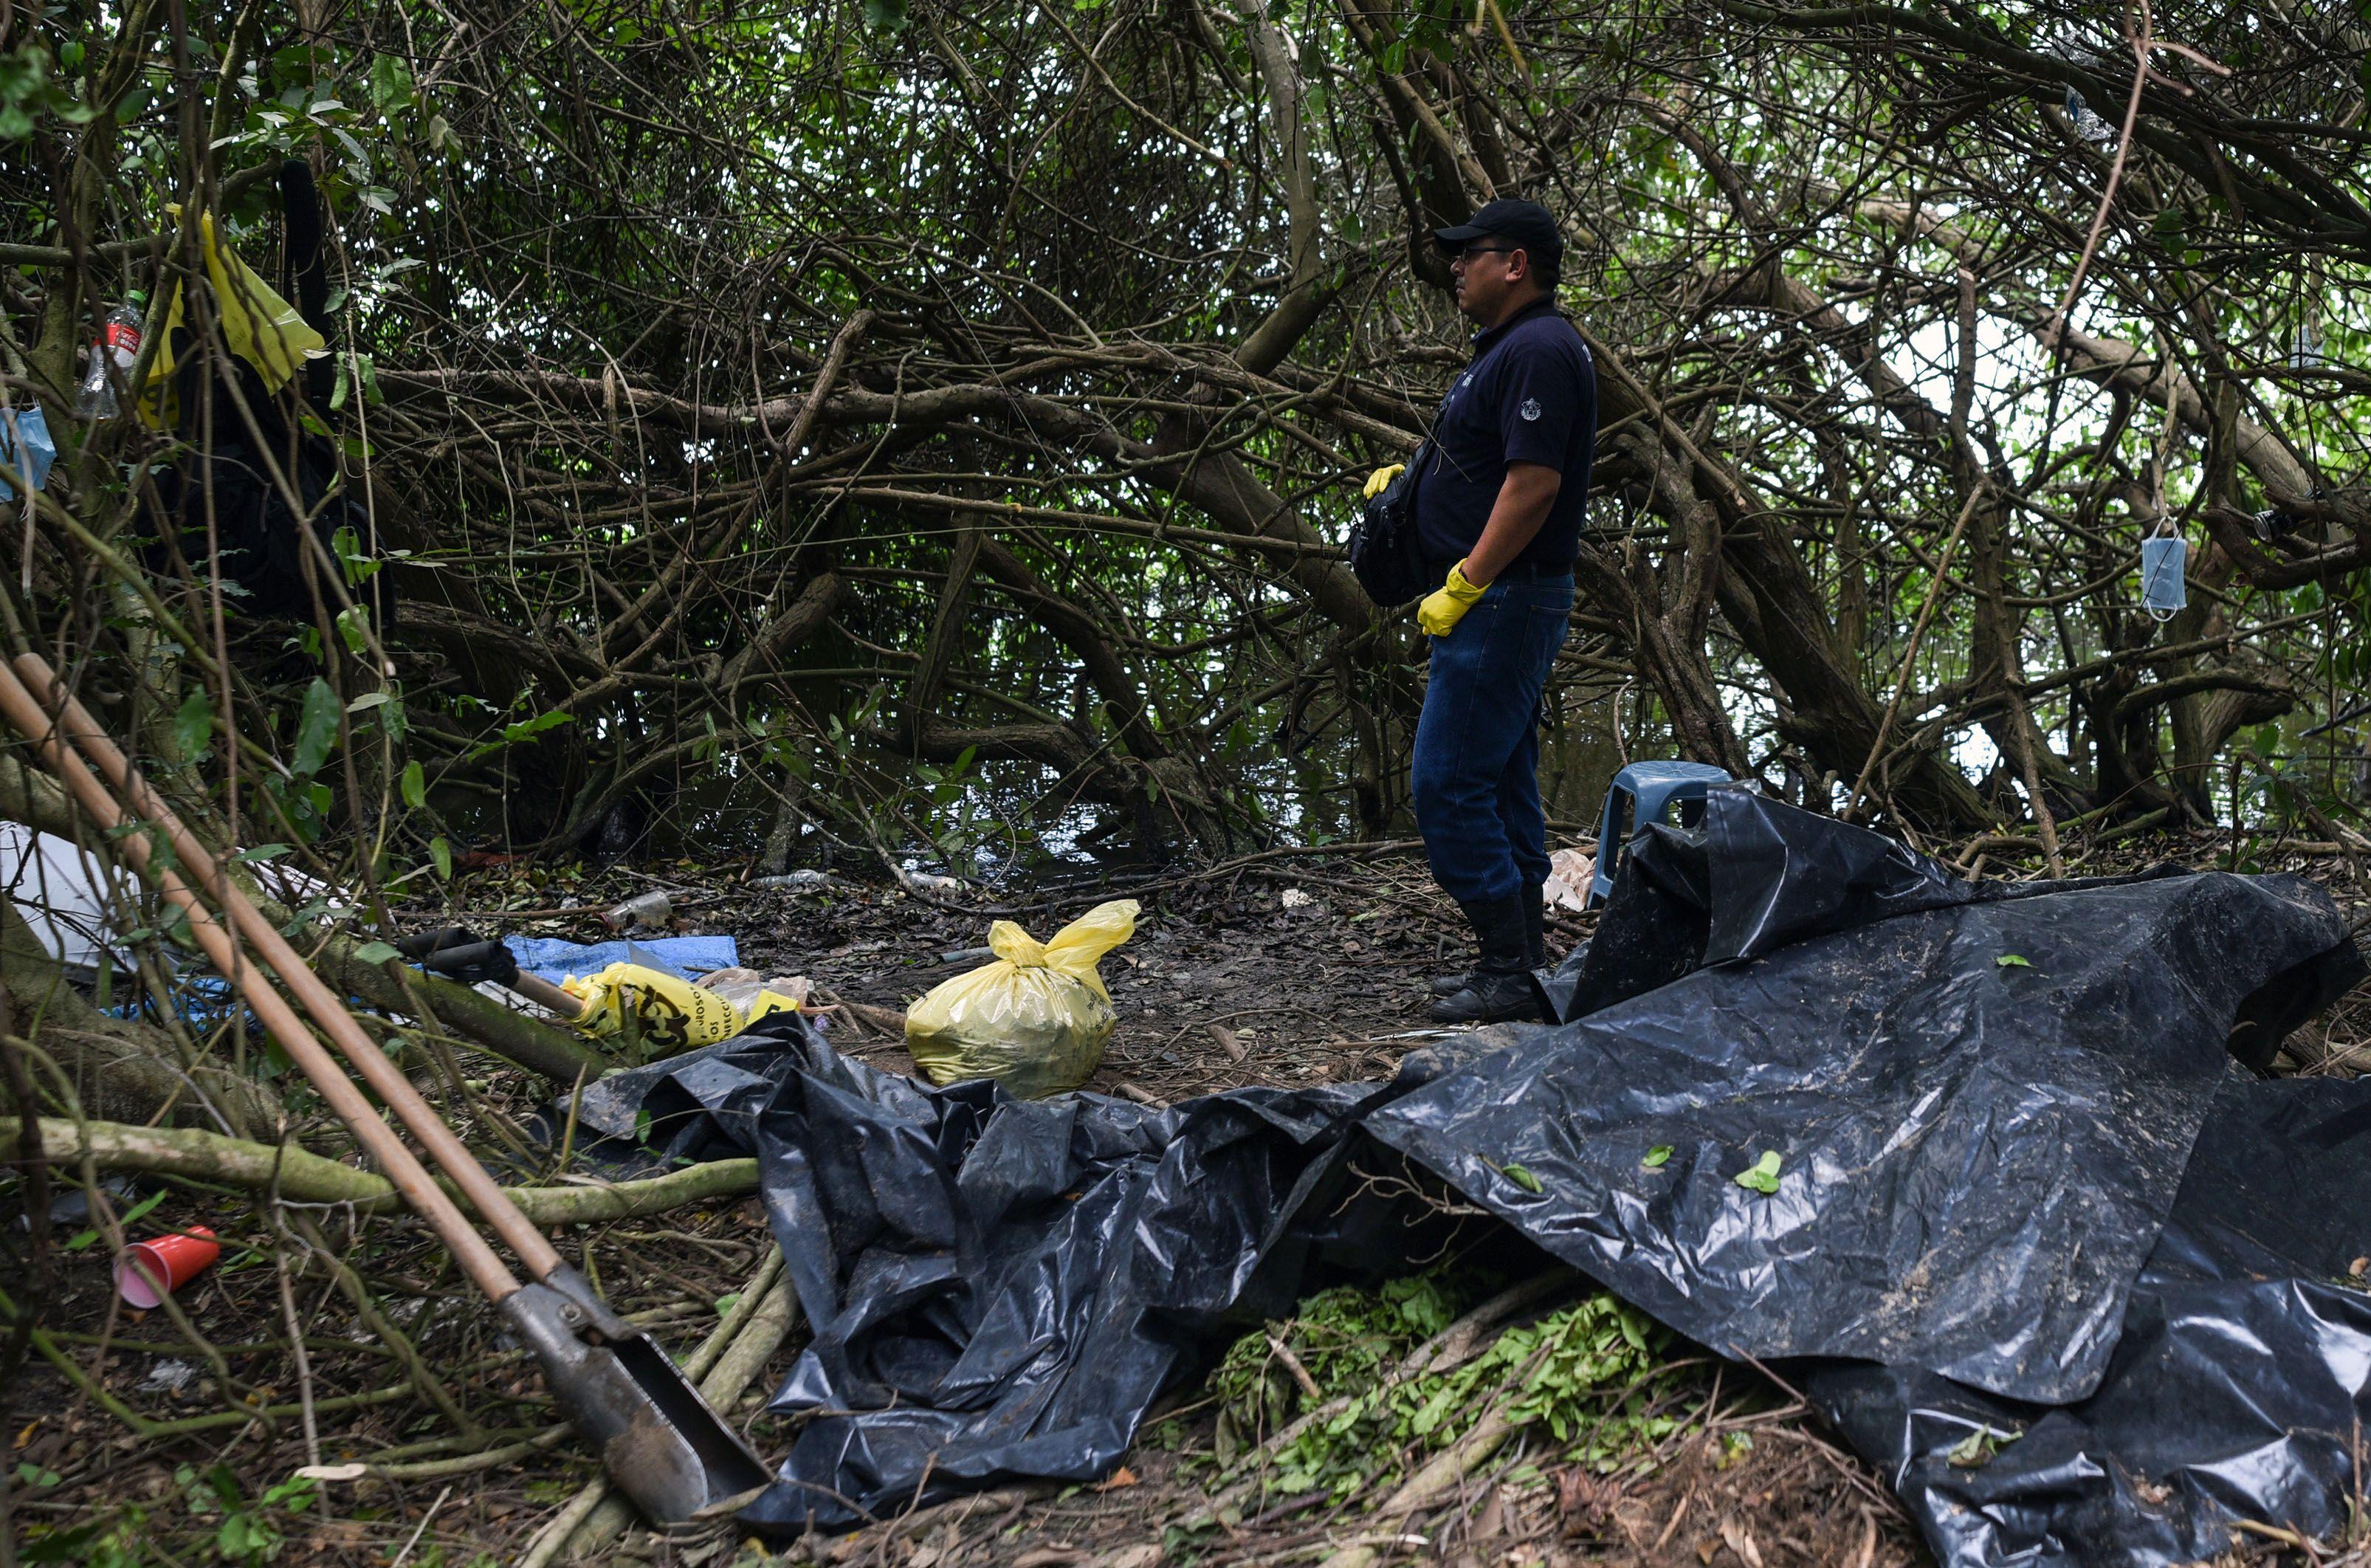 الشرطة المكسيكية بموقع الحادث